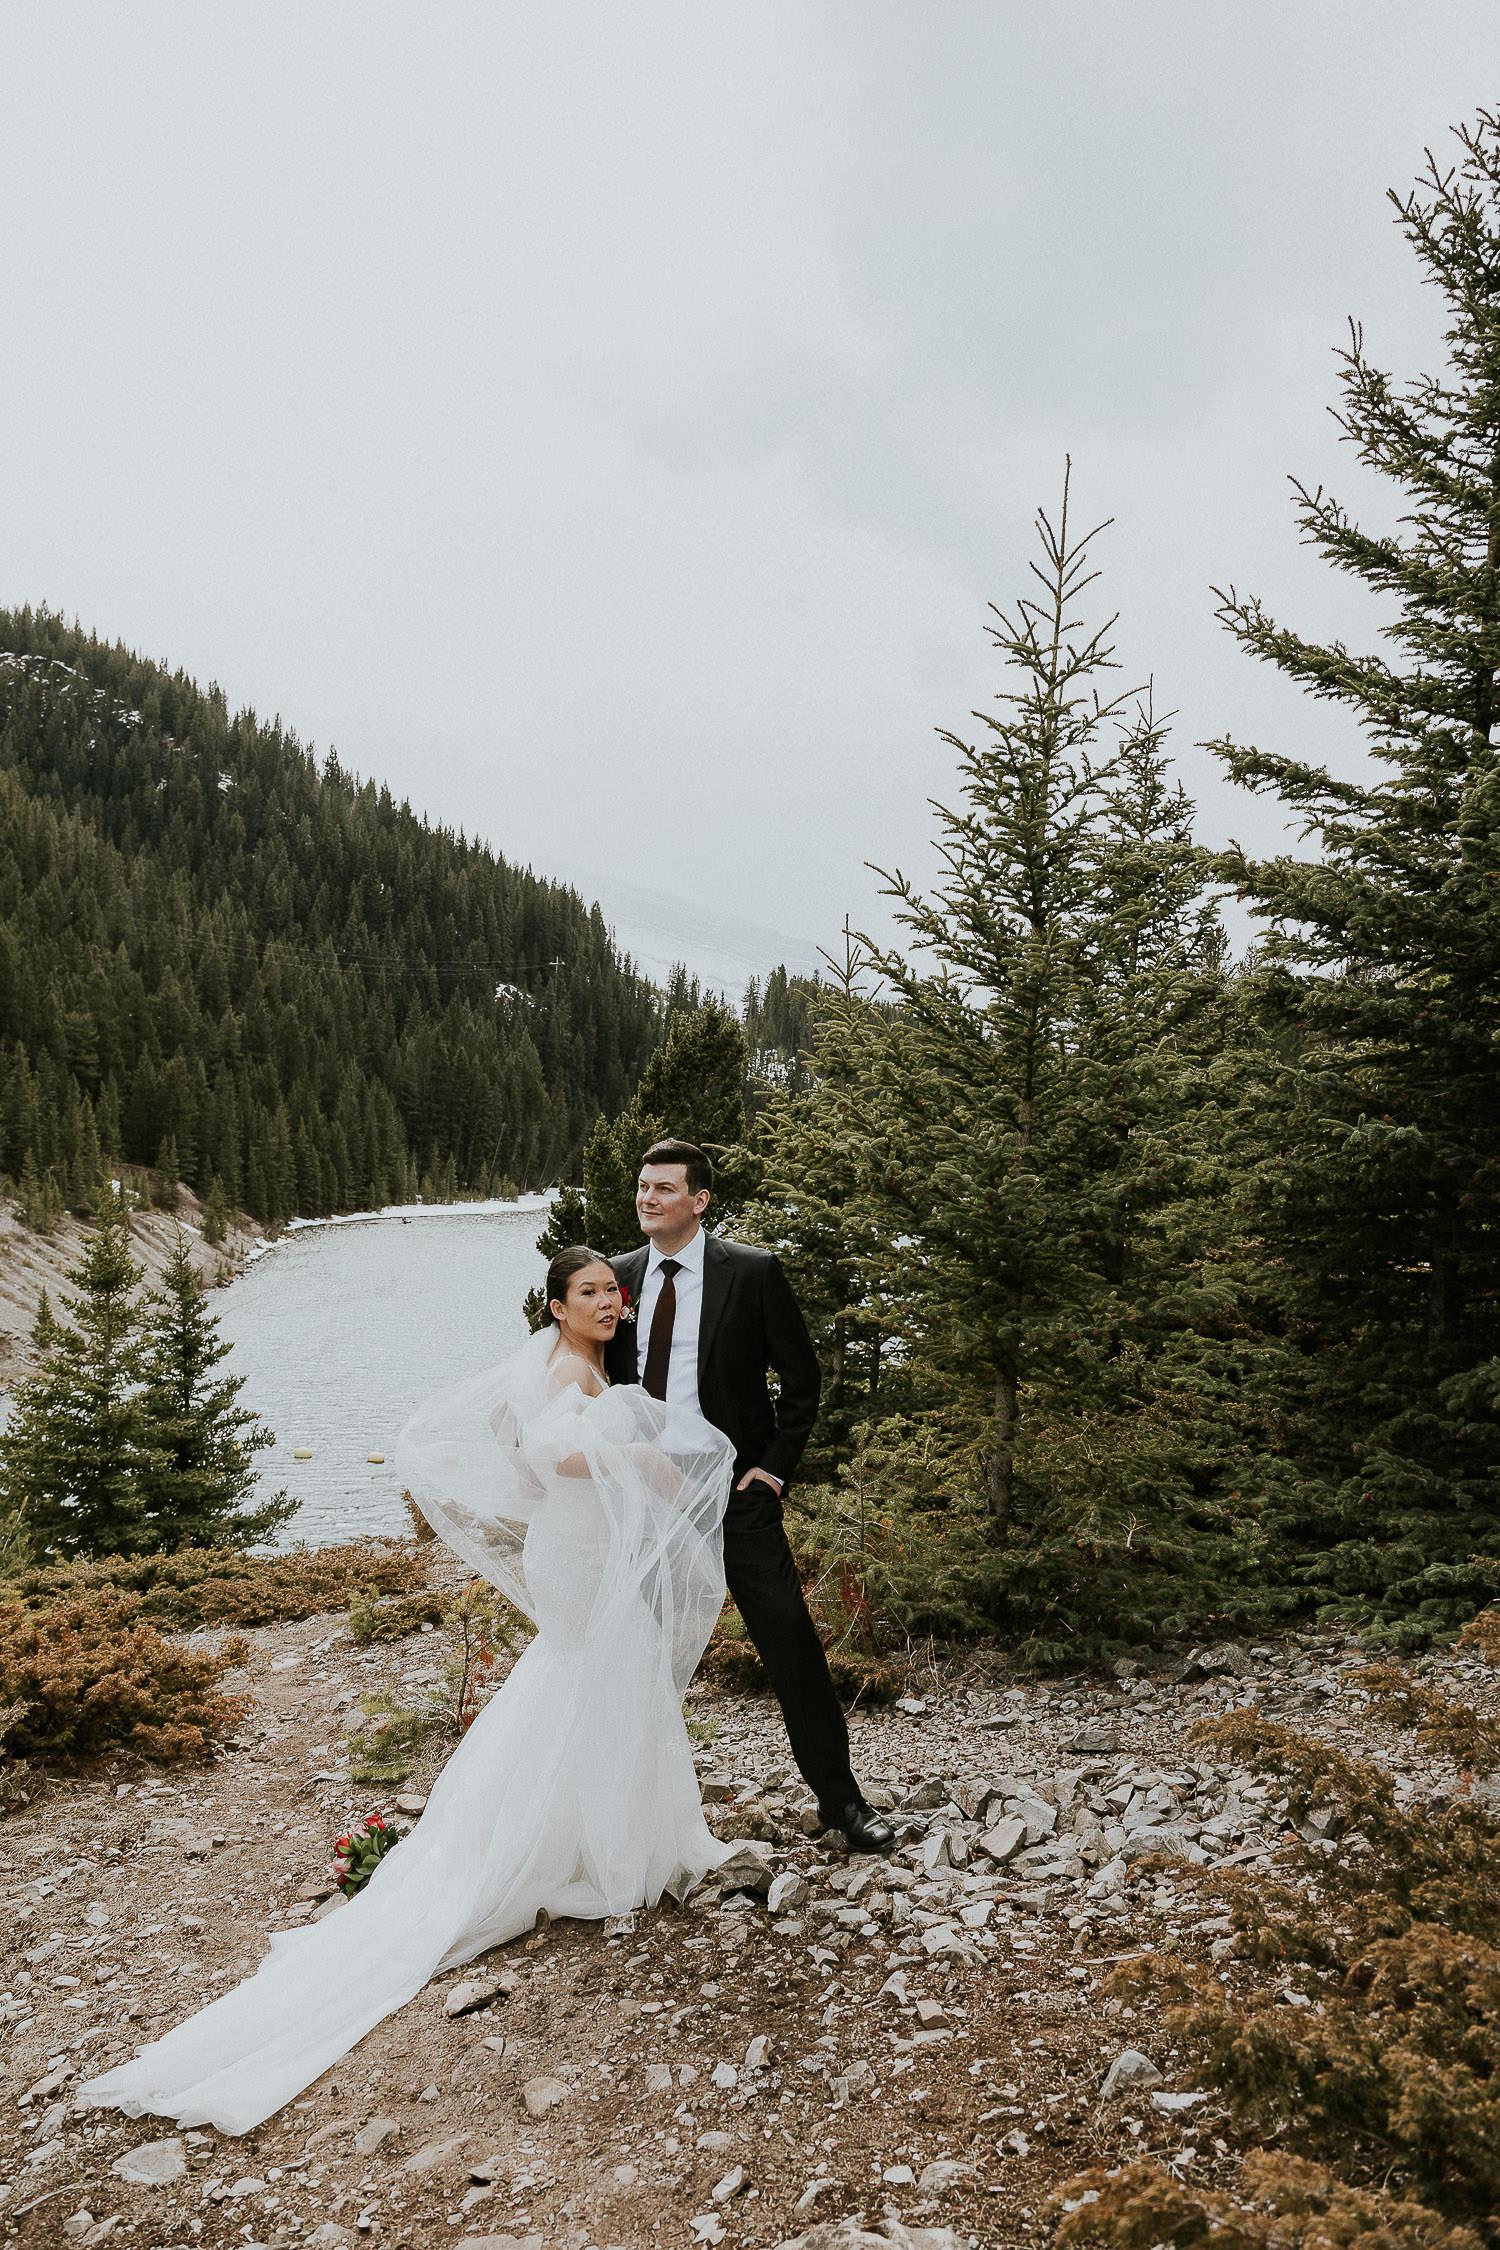 intimate-wedding-at-banff-springs-hotel-sarah-pukin-0138